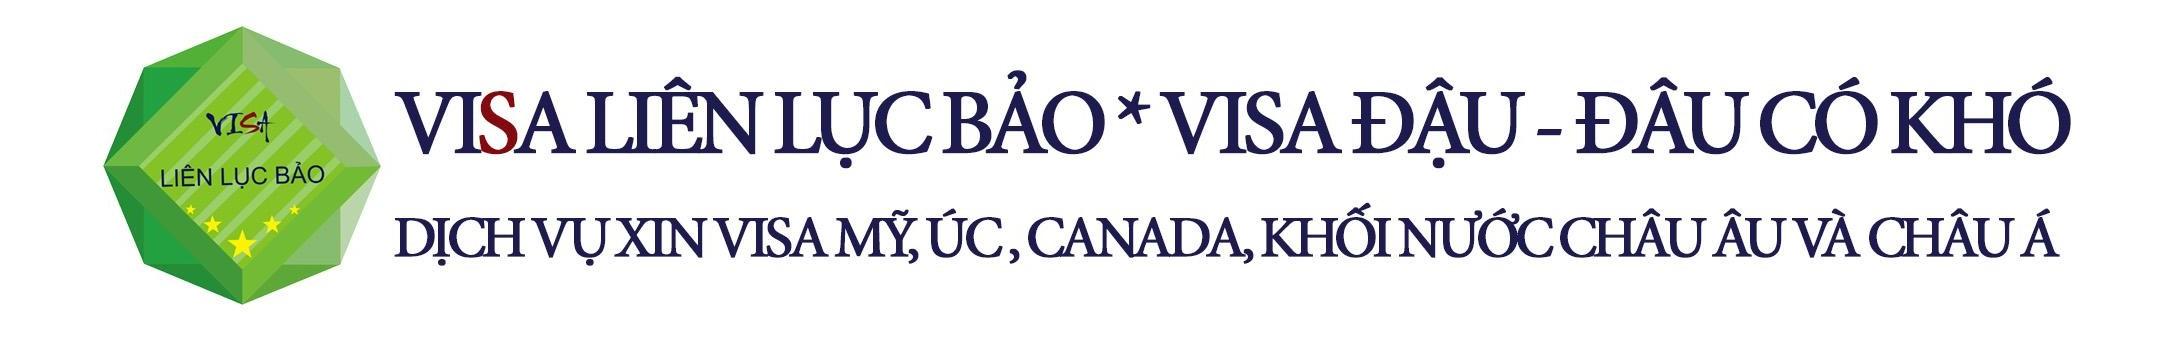 VISA LIÊN LỤC BẢO *  Visa Đậu – Đâu có Khó